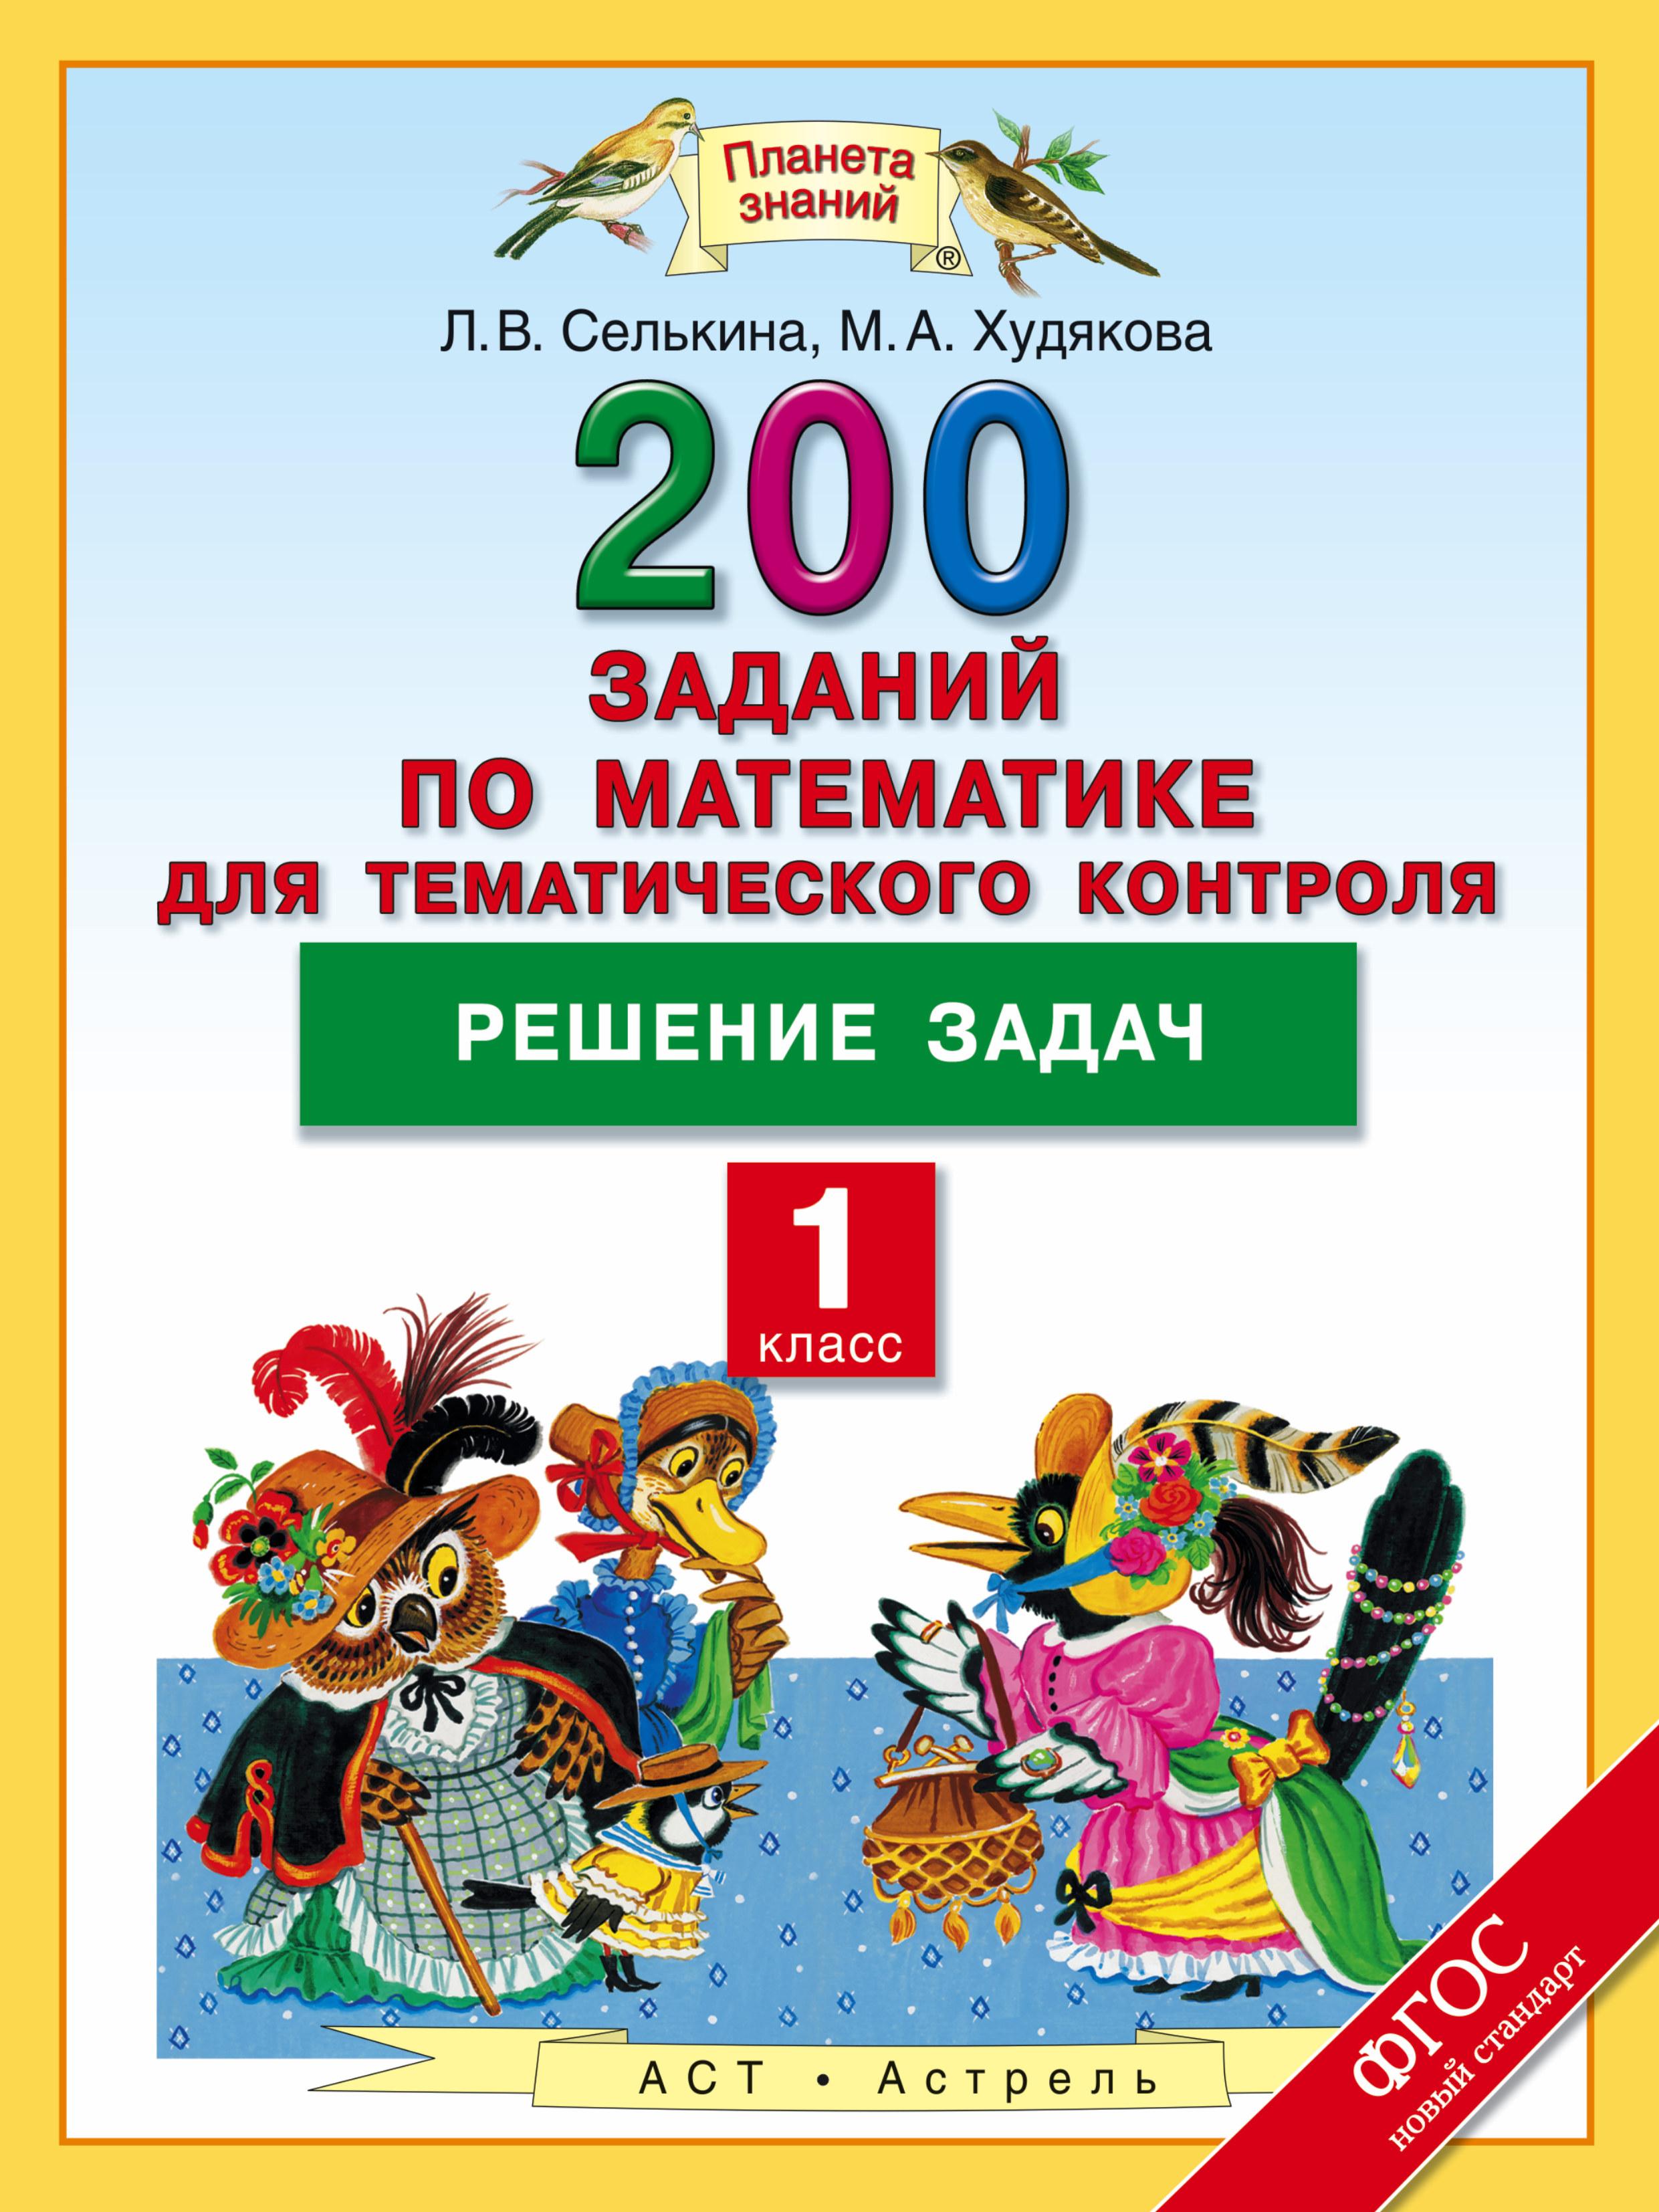 Решение задач. Математика. 1 класс. 200 заданий по математике для тематического контроля